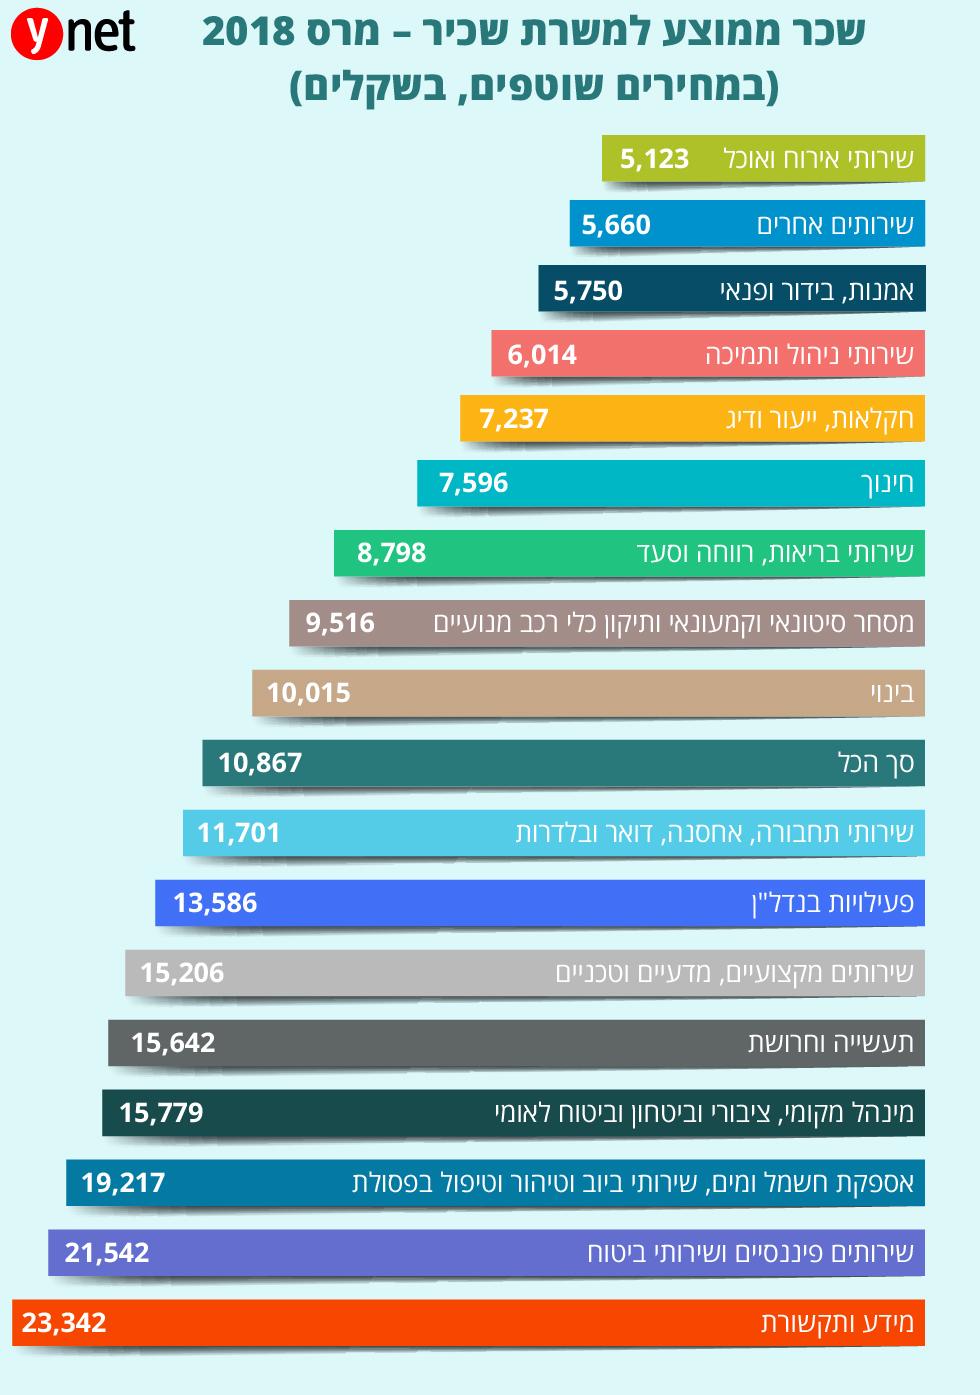 גרף שכר ממוצע למשרת שכיר, מרץ 2018 (למ